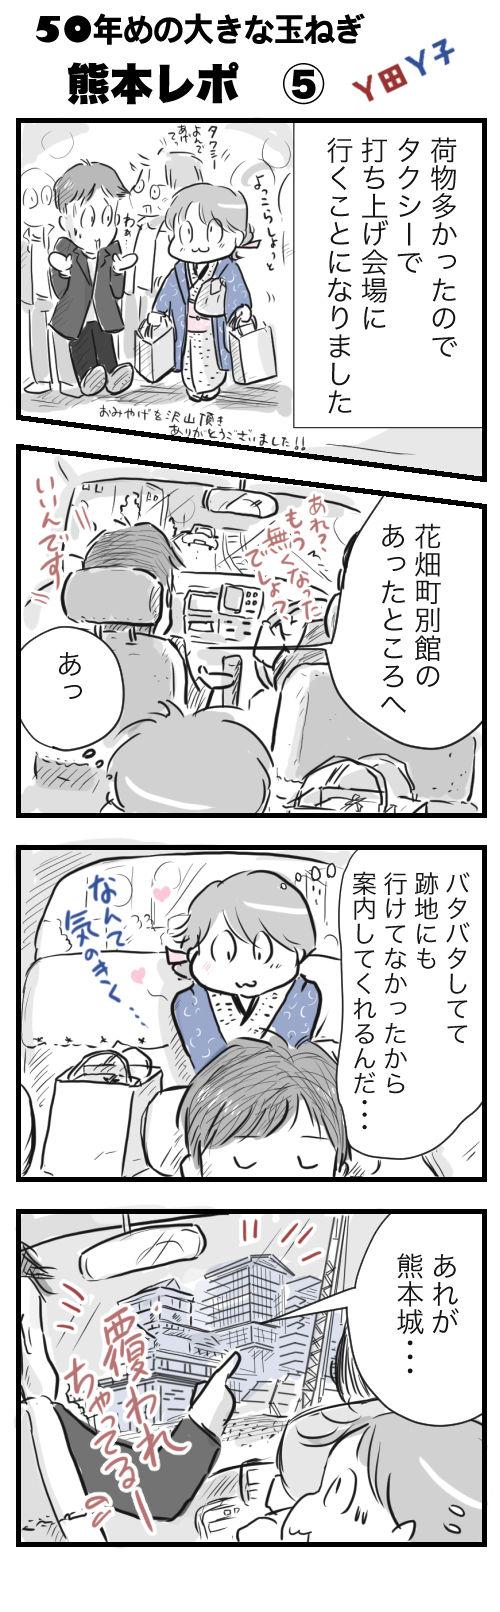 熊本レポ5−1